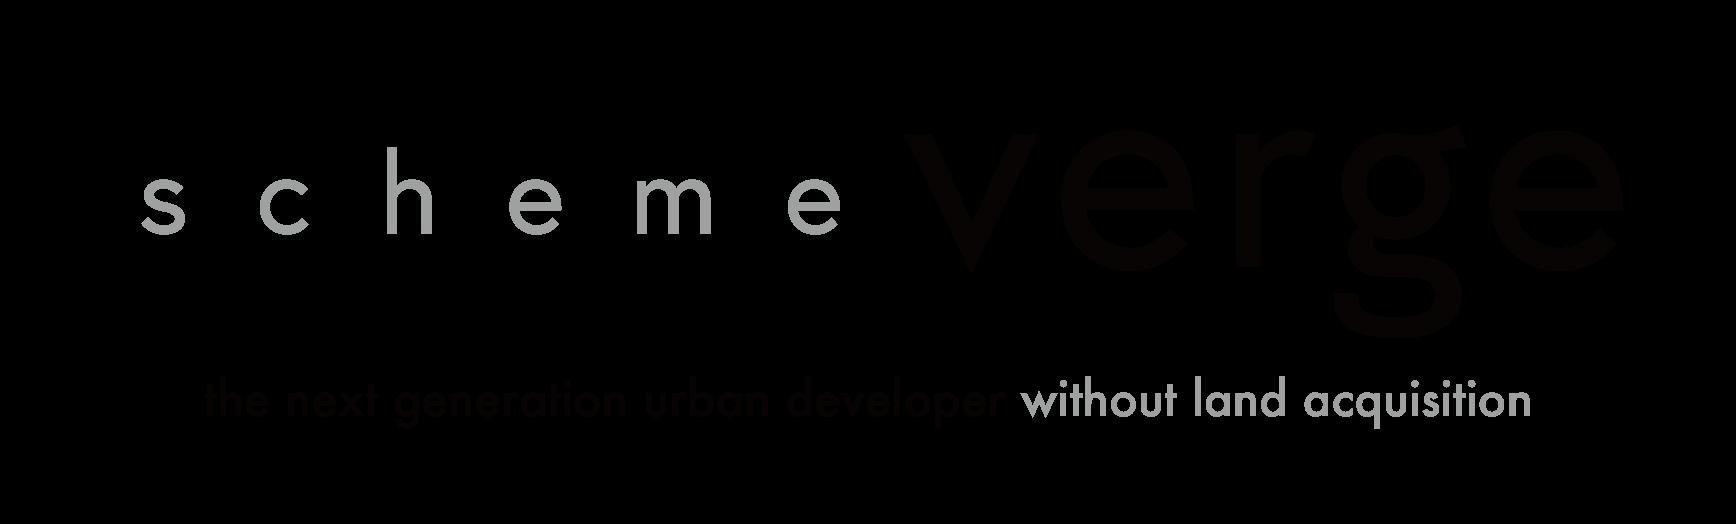 scheme verge株式会社